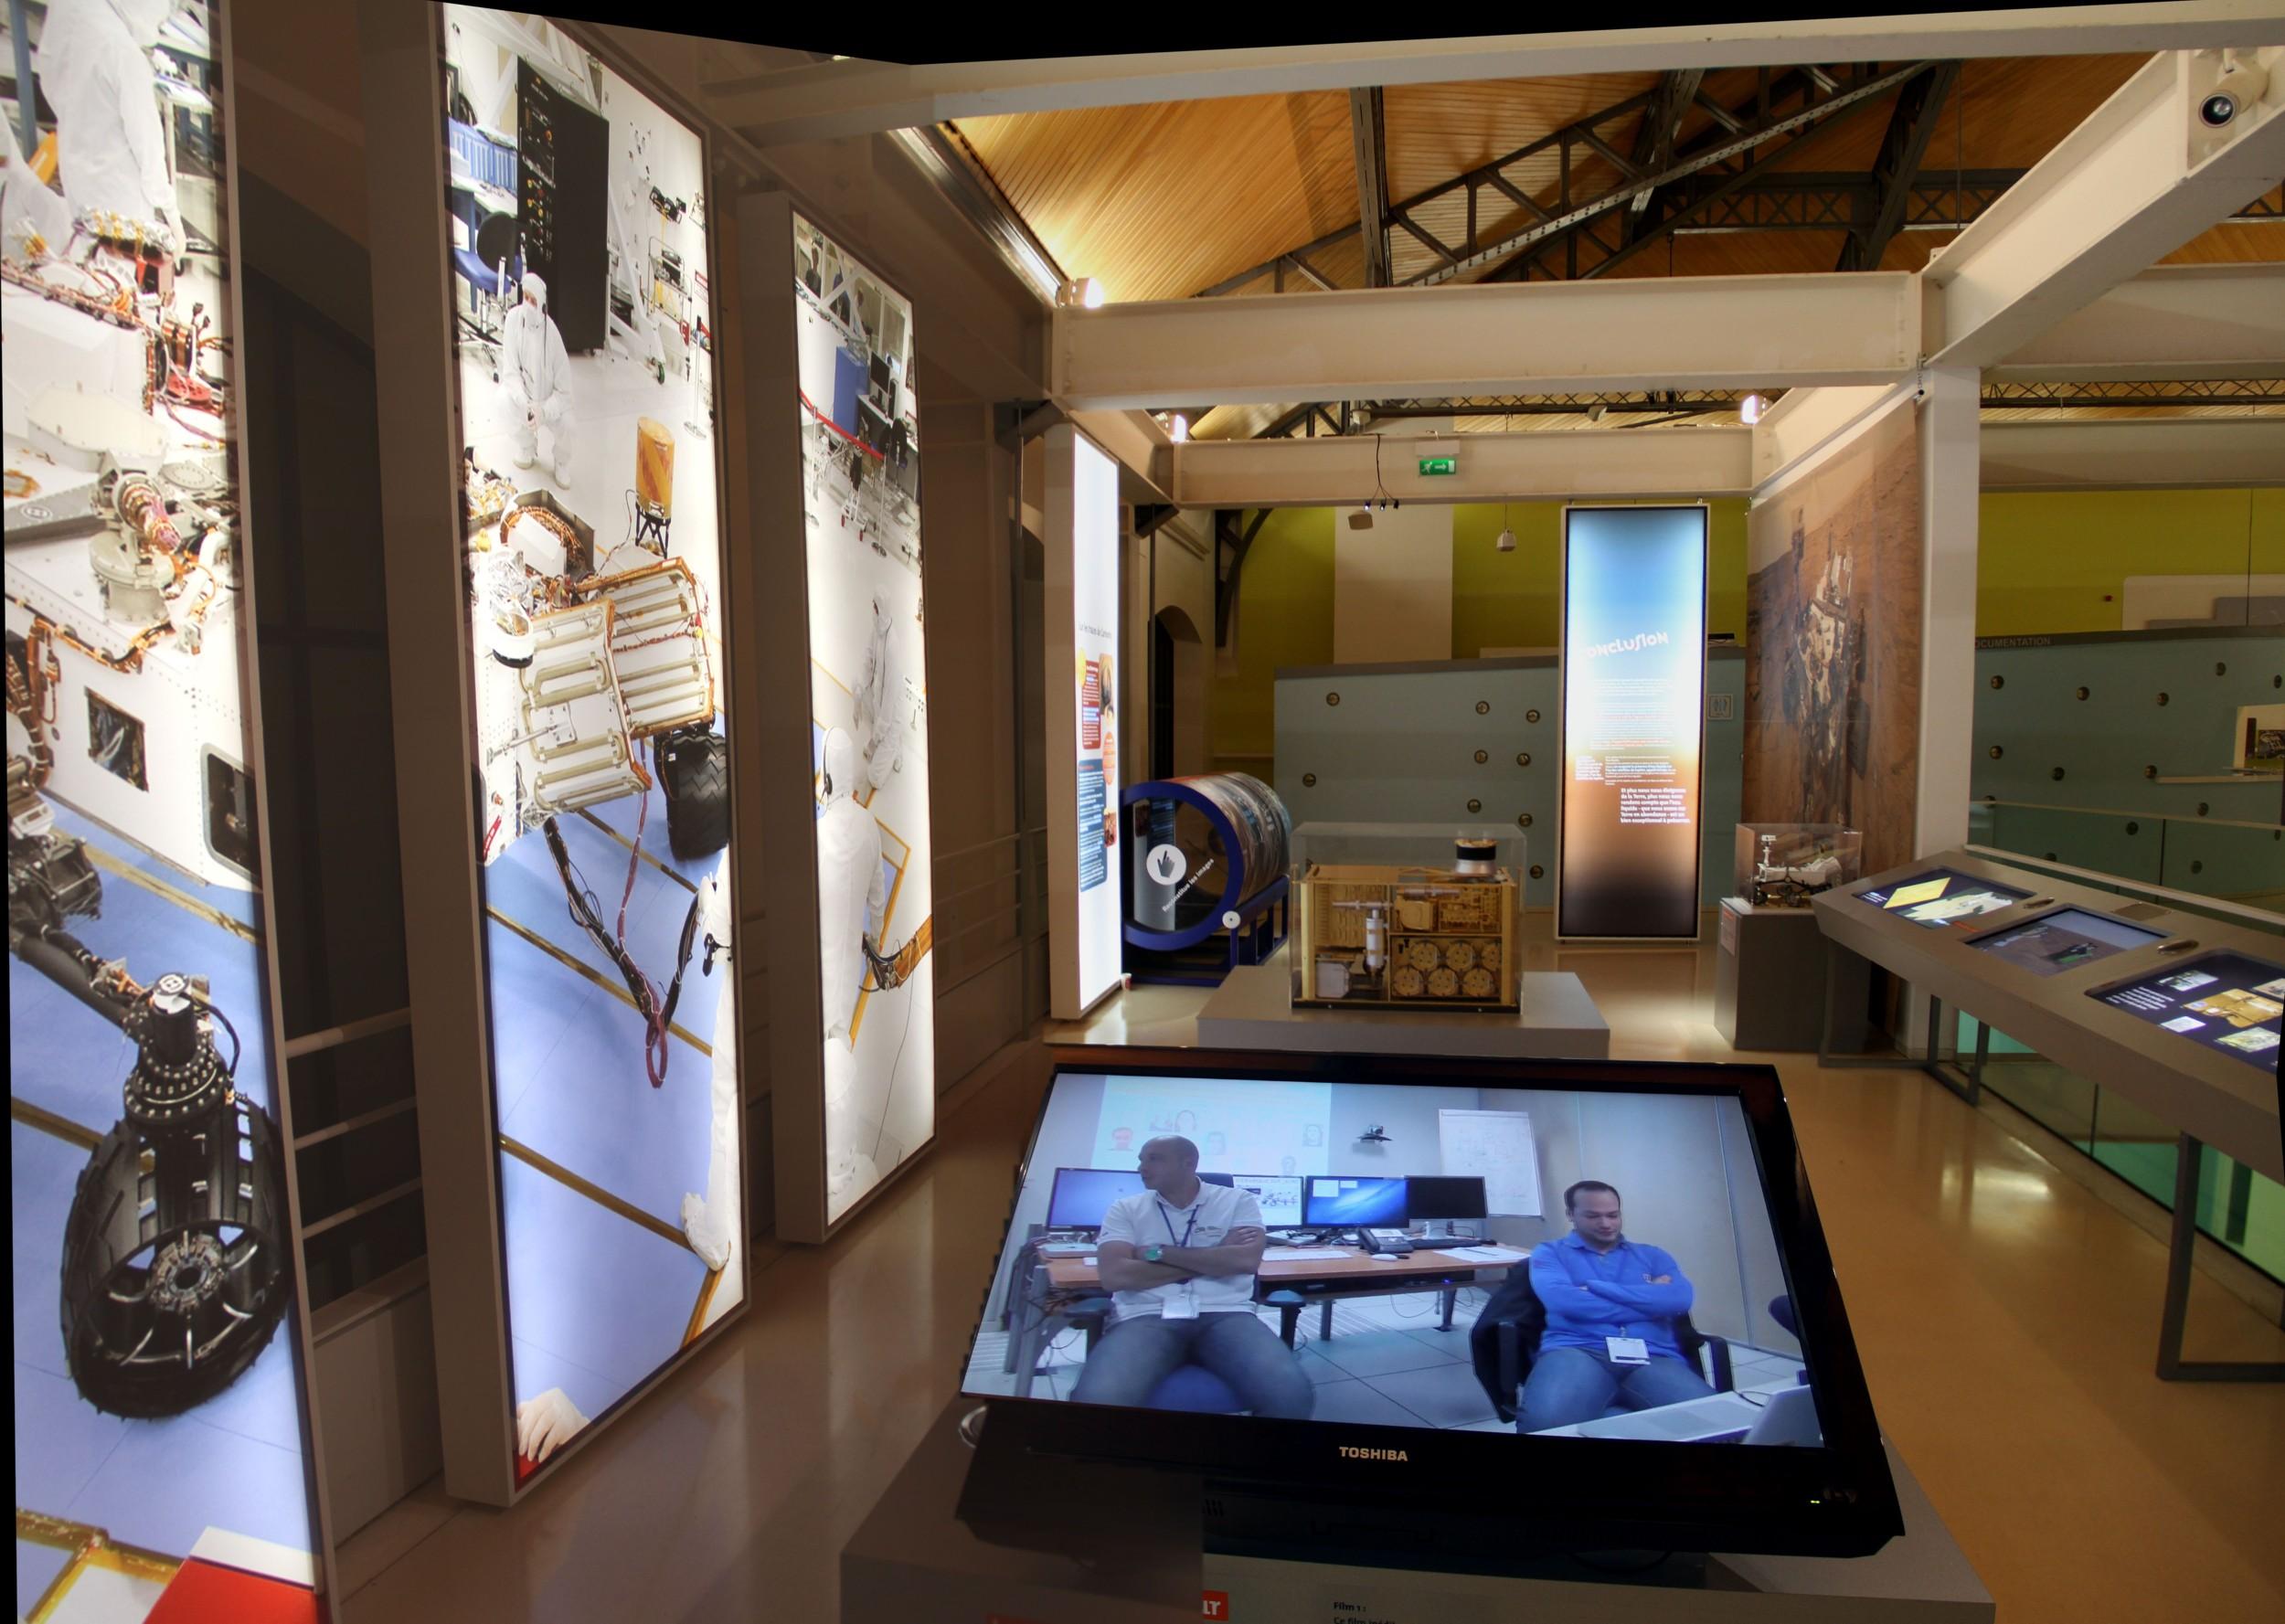 14 12 18 - 17h 49m 40s - Expo l'eau sur Mars pavillon de l'eau_stitch rec